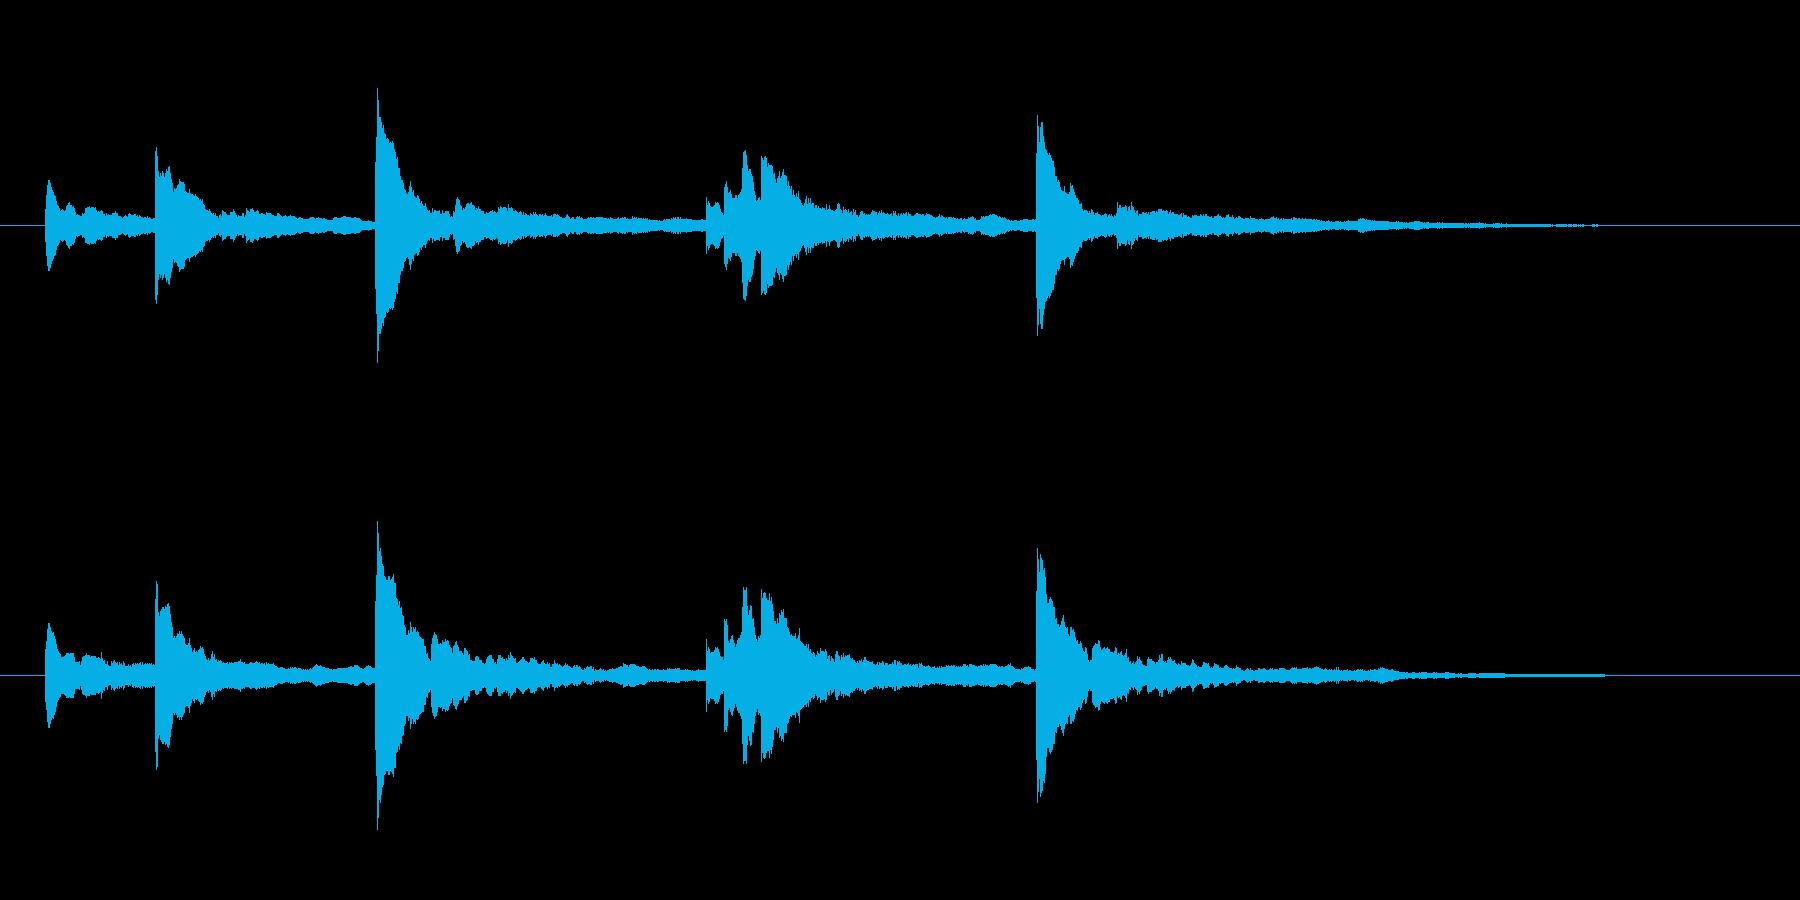 氷の洞窟or神聖な場所に入った時の音の再生済みの波形